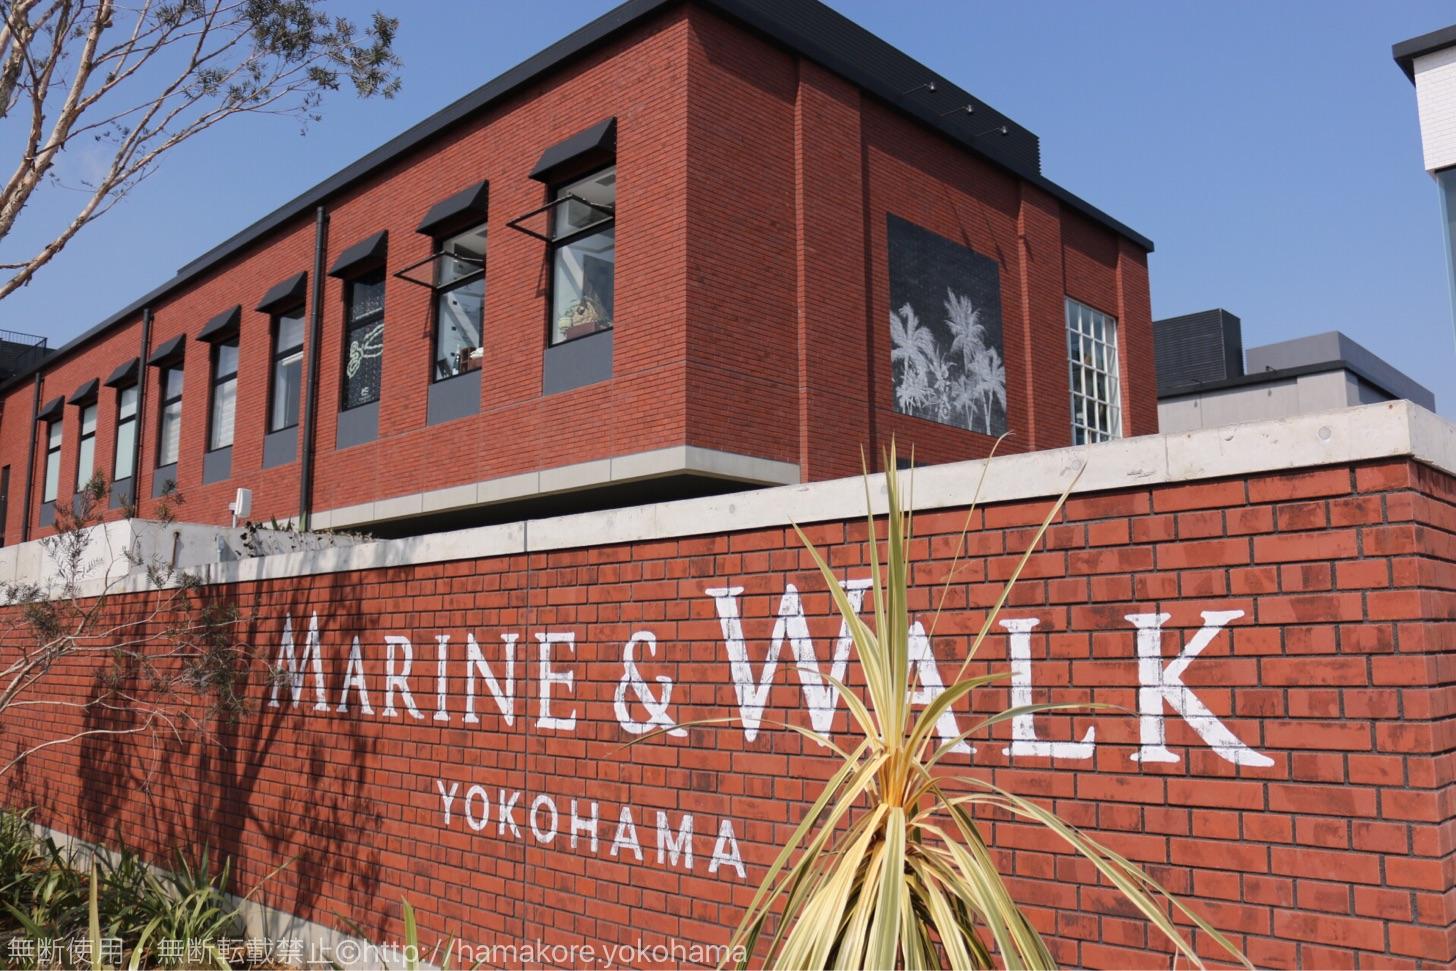 マリンウォーク初日!注目の人気飲食店とマリンウォーク内の雰囲気をチェックしてきた